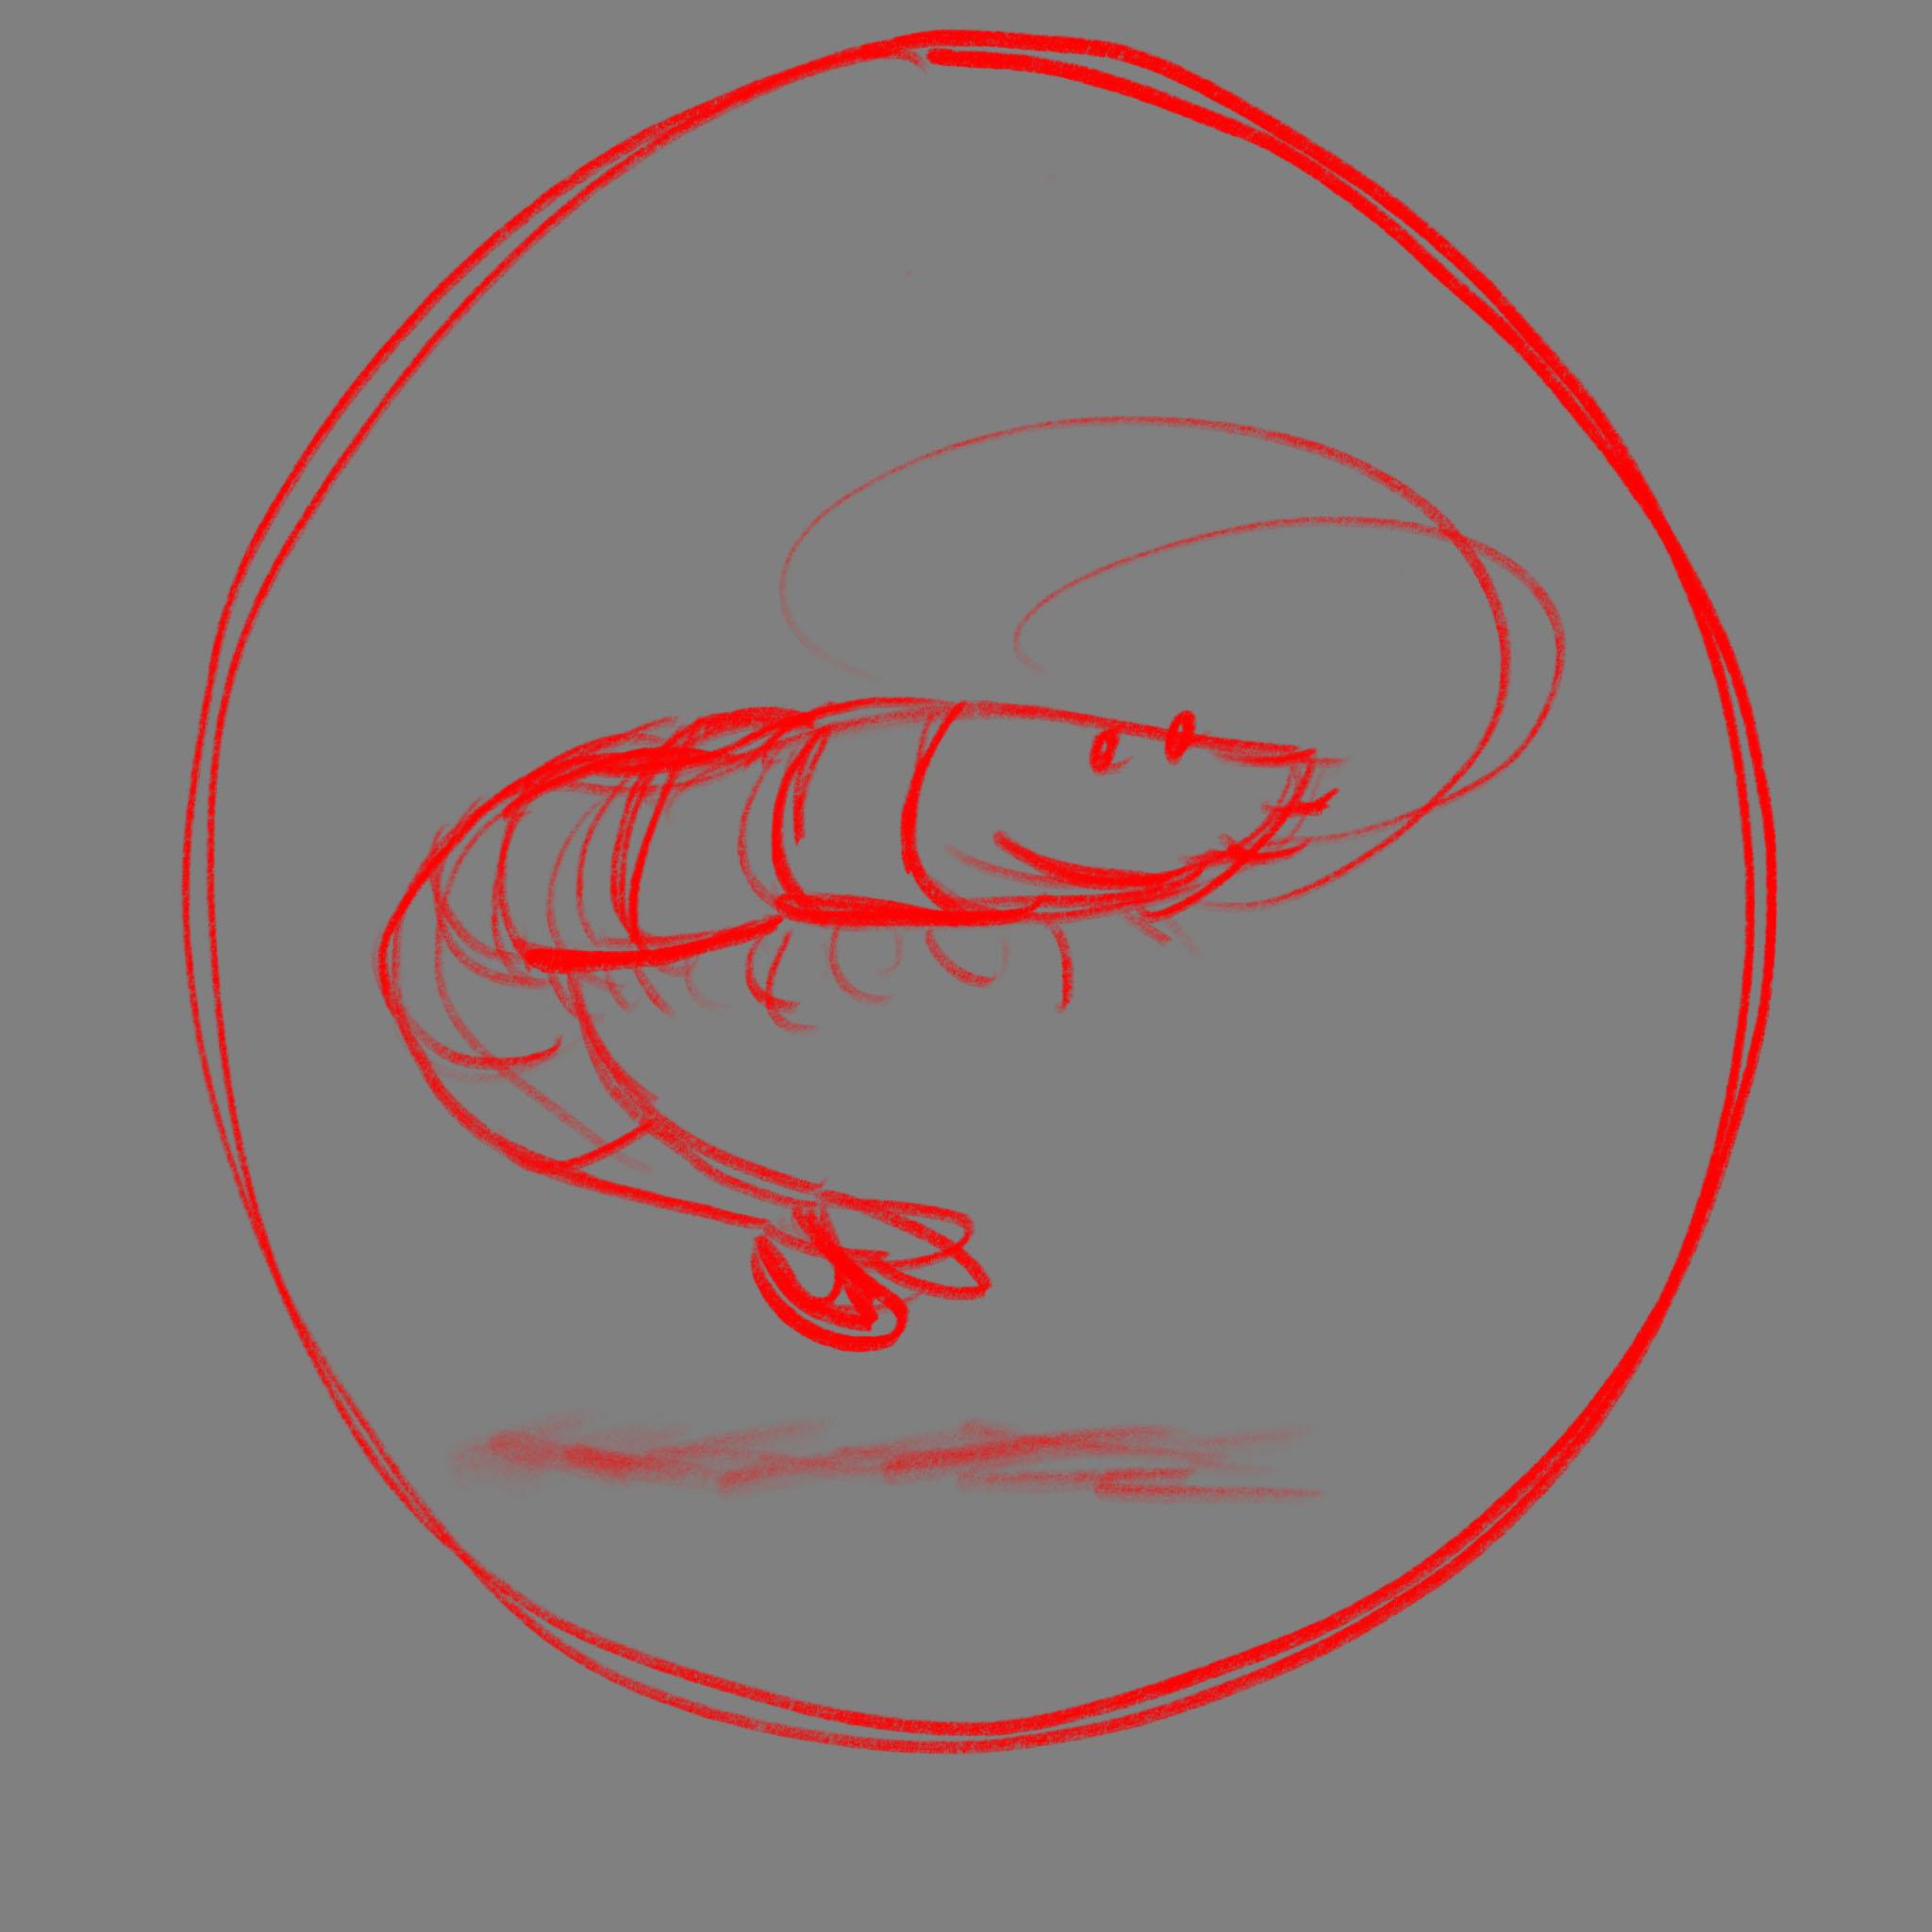 lac-bau-cua_tet-2018_2048x2048_190105_nh_v1.0_Shrimp.jpg